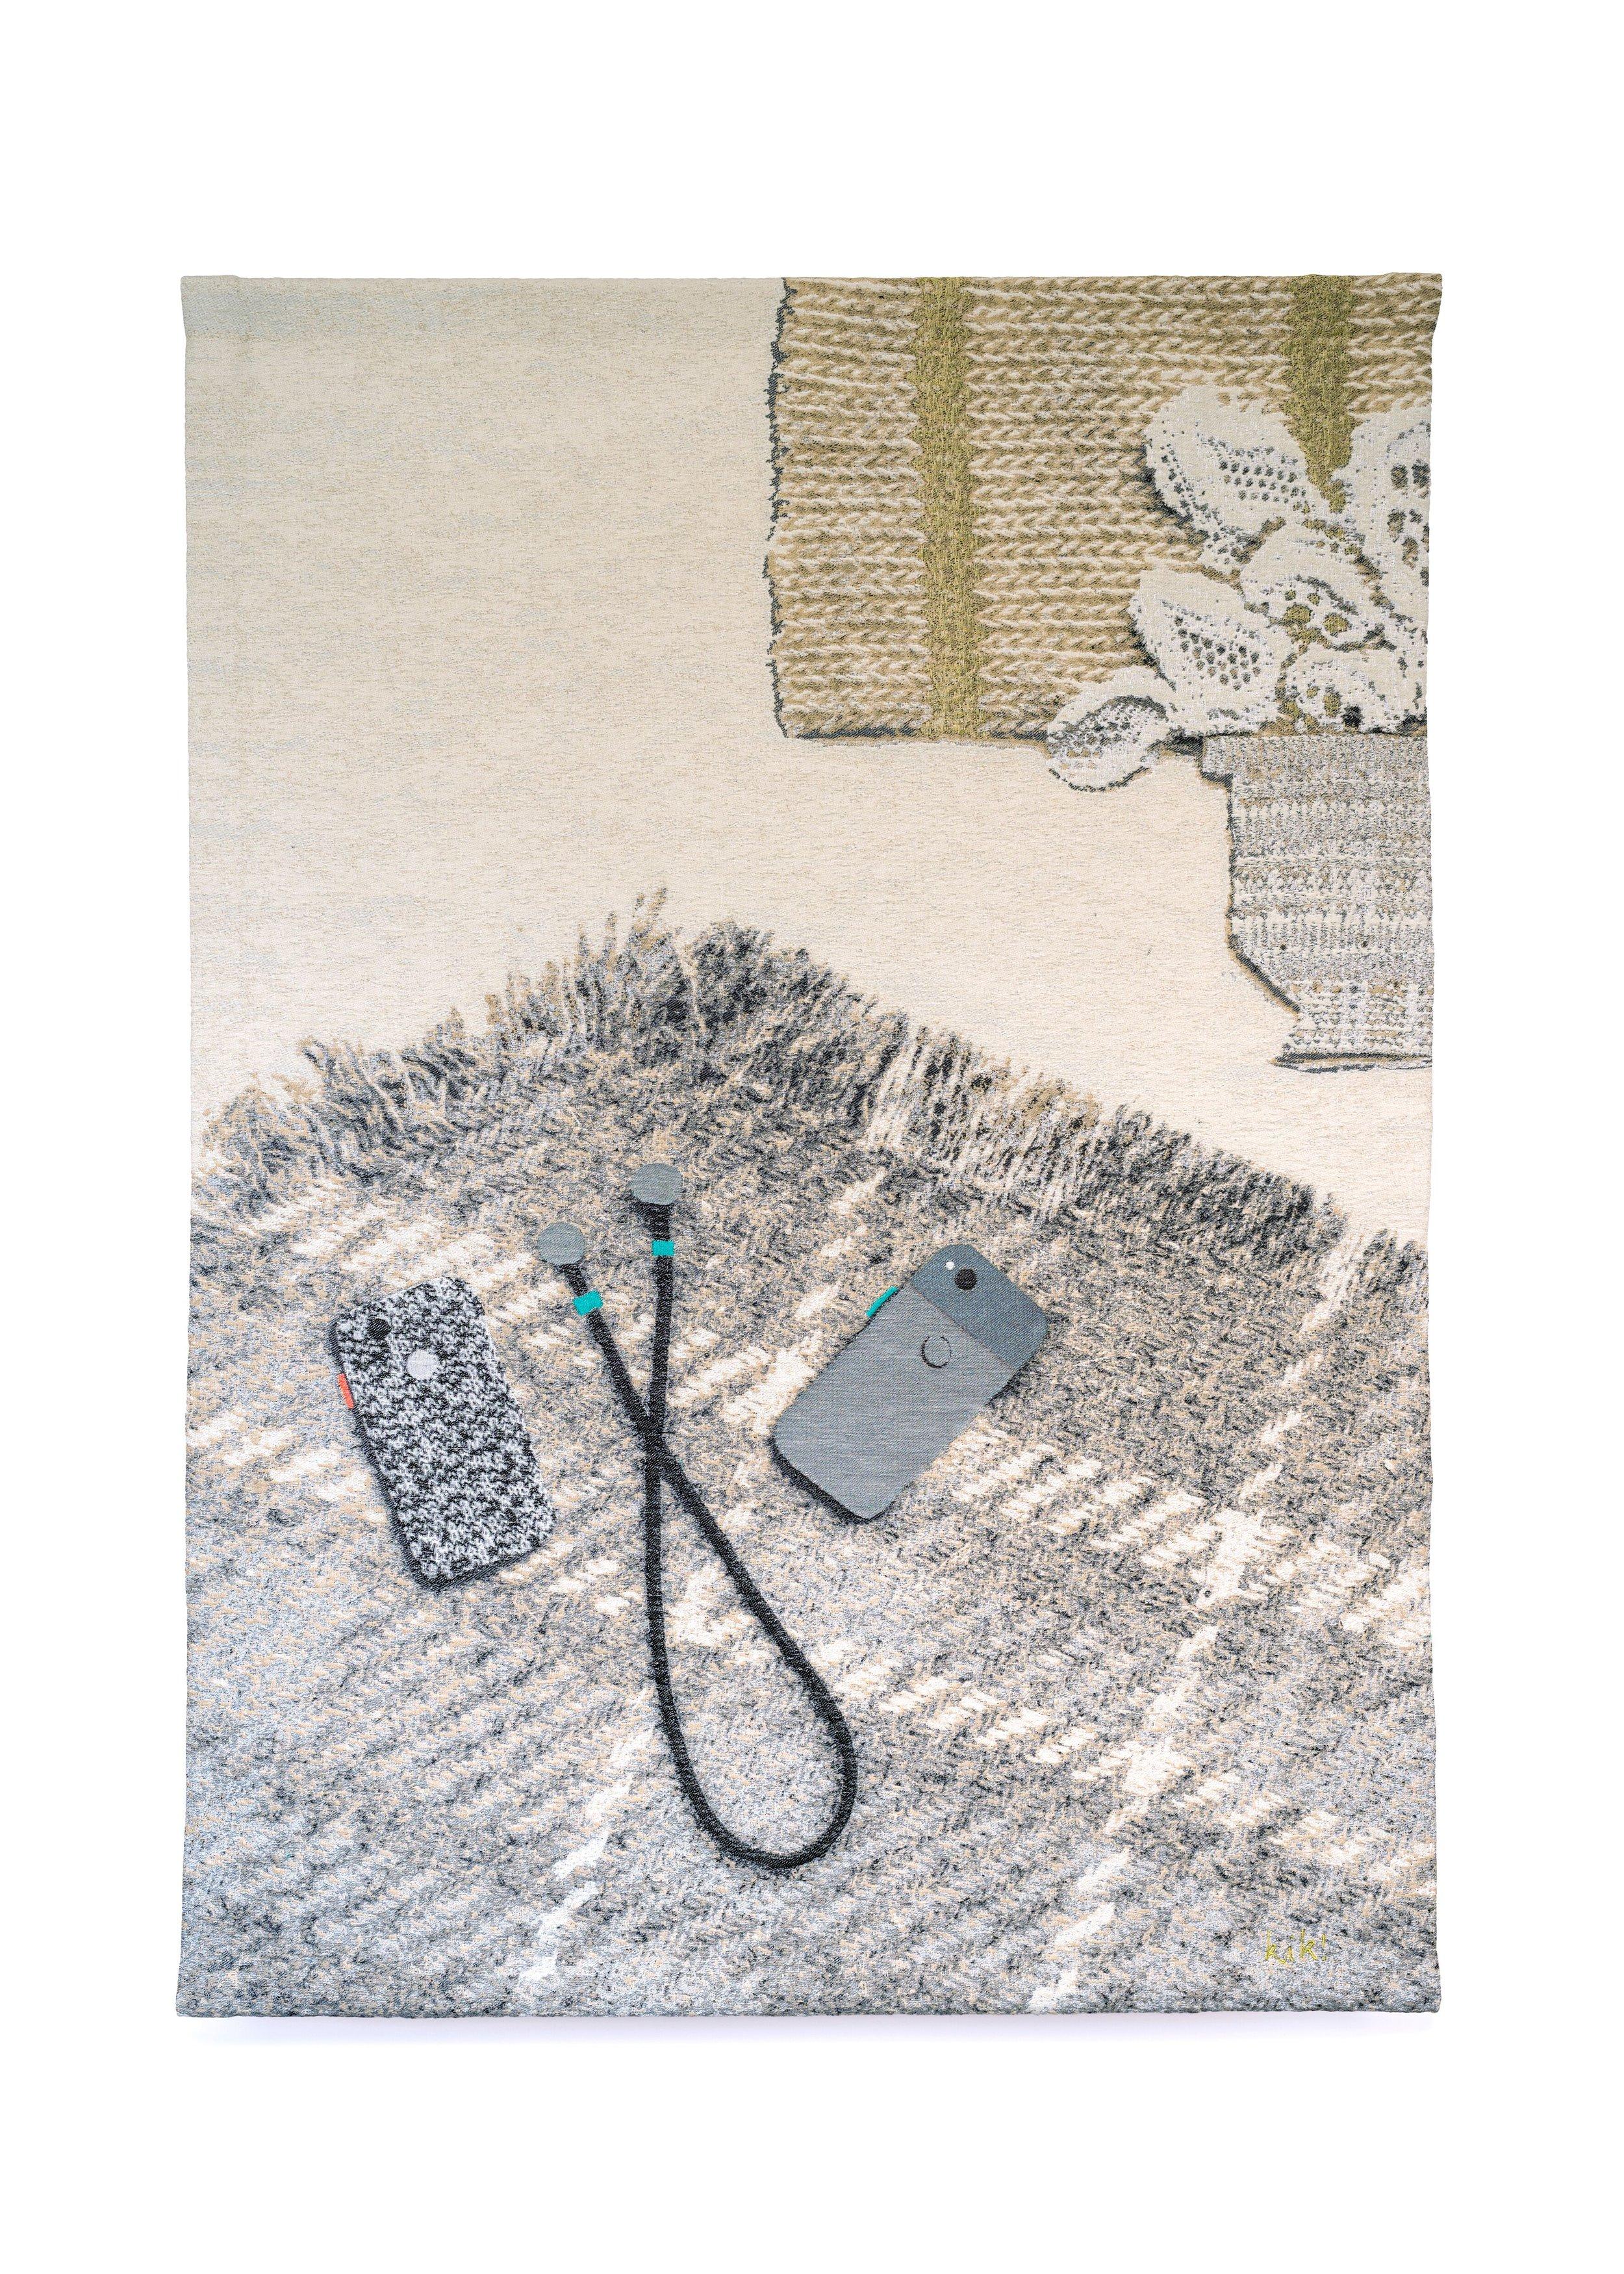 Softwear wallhanging by Kiki van Eijk - photo by Mariëlle Leenders - 01HR_preview.jpeg